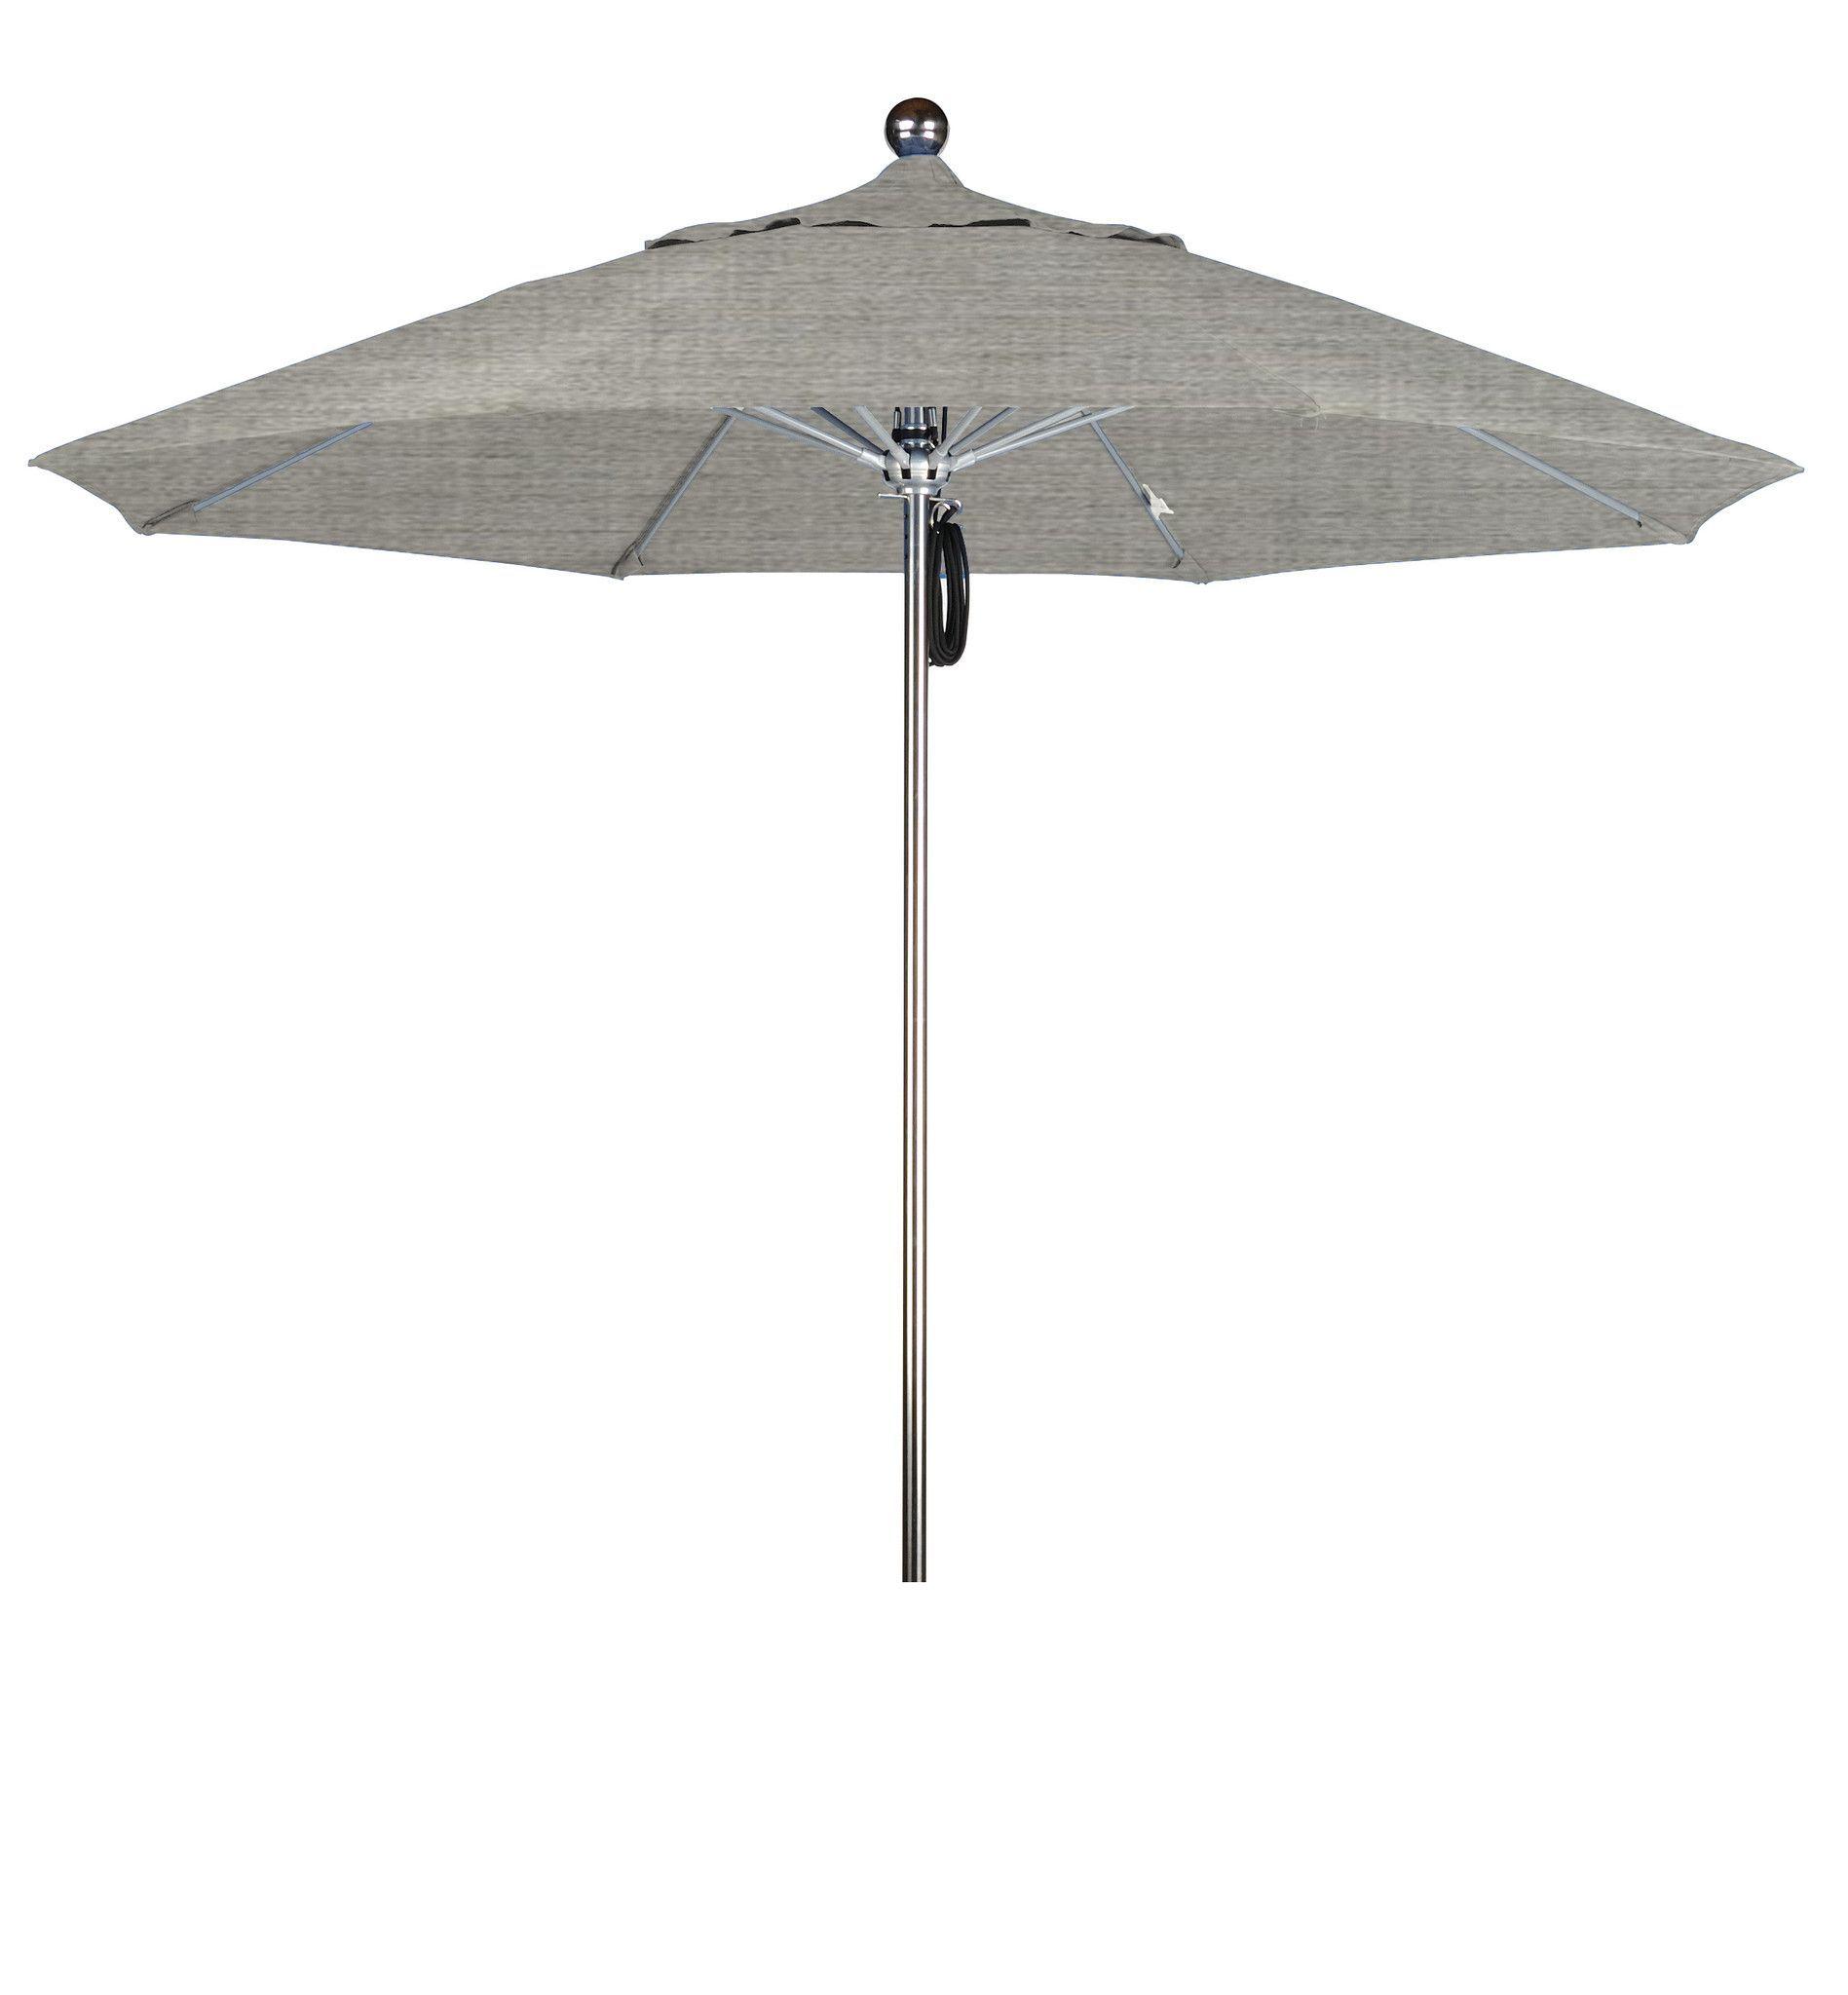 Eclipse Collection 9'SSteel SinglePole FGlass Ribs M Umbrella SV Anodized/Sunbrella/Granite